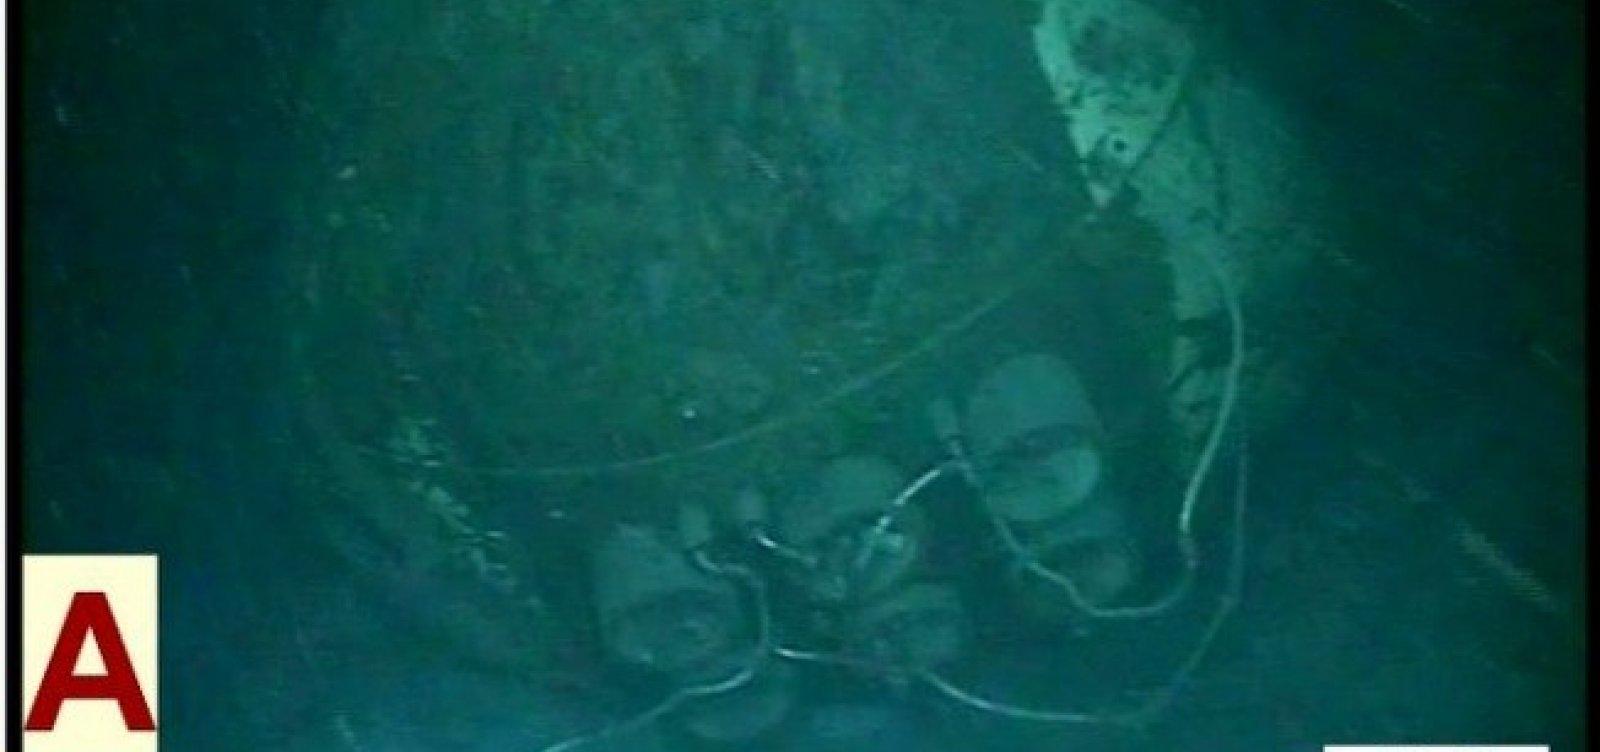 [Marinha da Argentina divulga imagens de submarino naufragado]